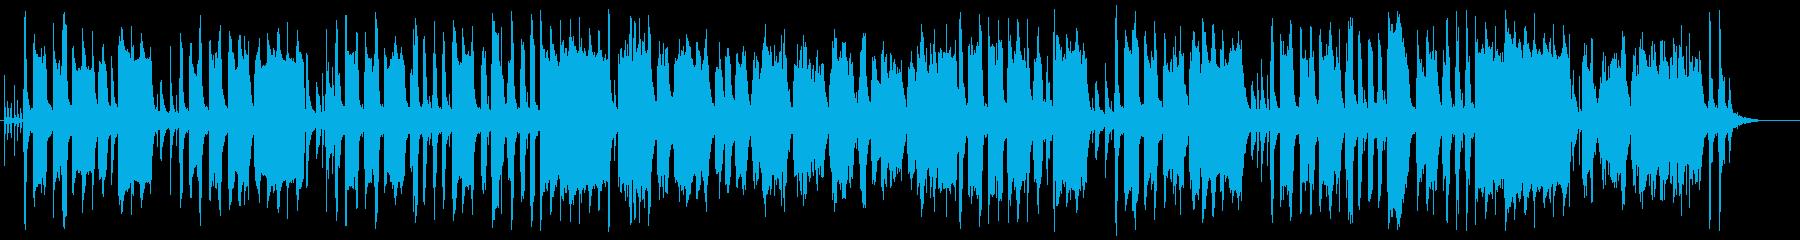 可愛いうきうきするメルヘンなポップな曲の再生済みの波形